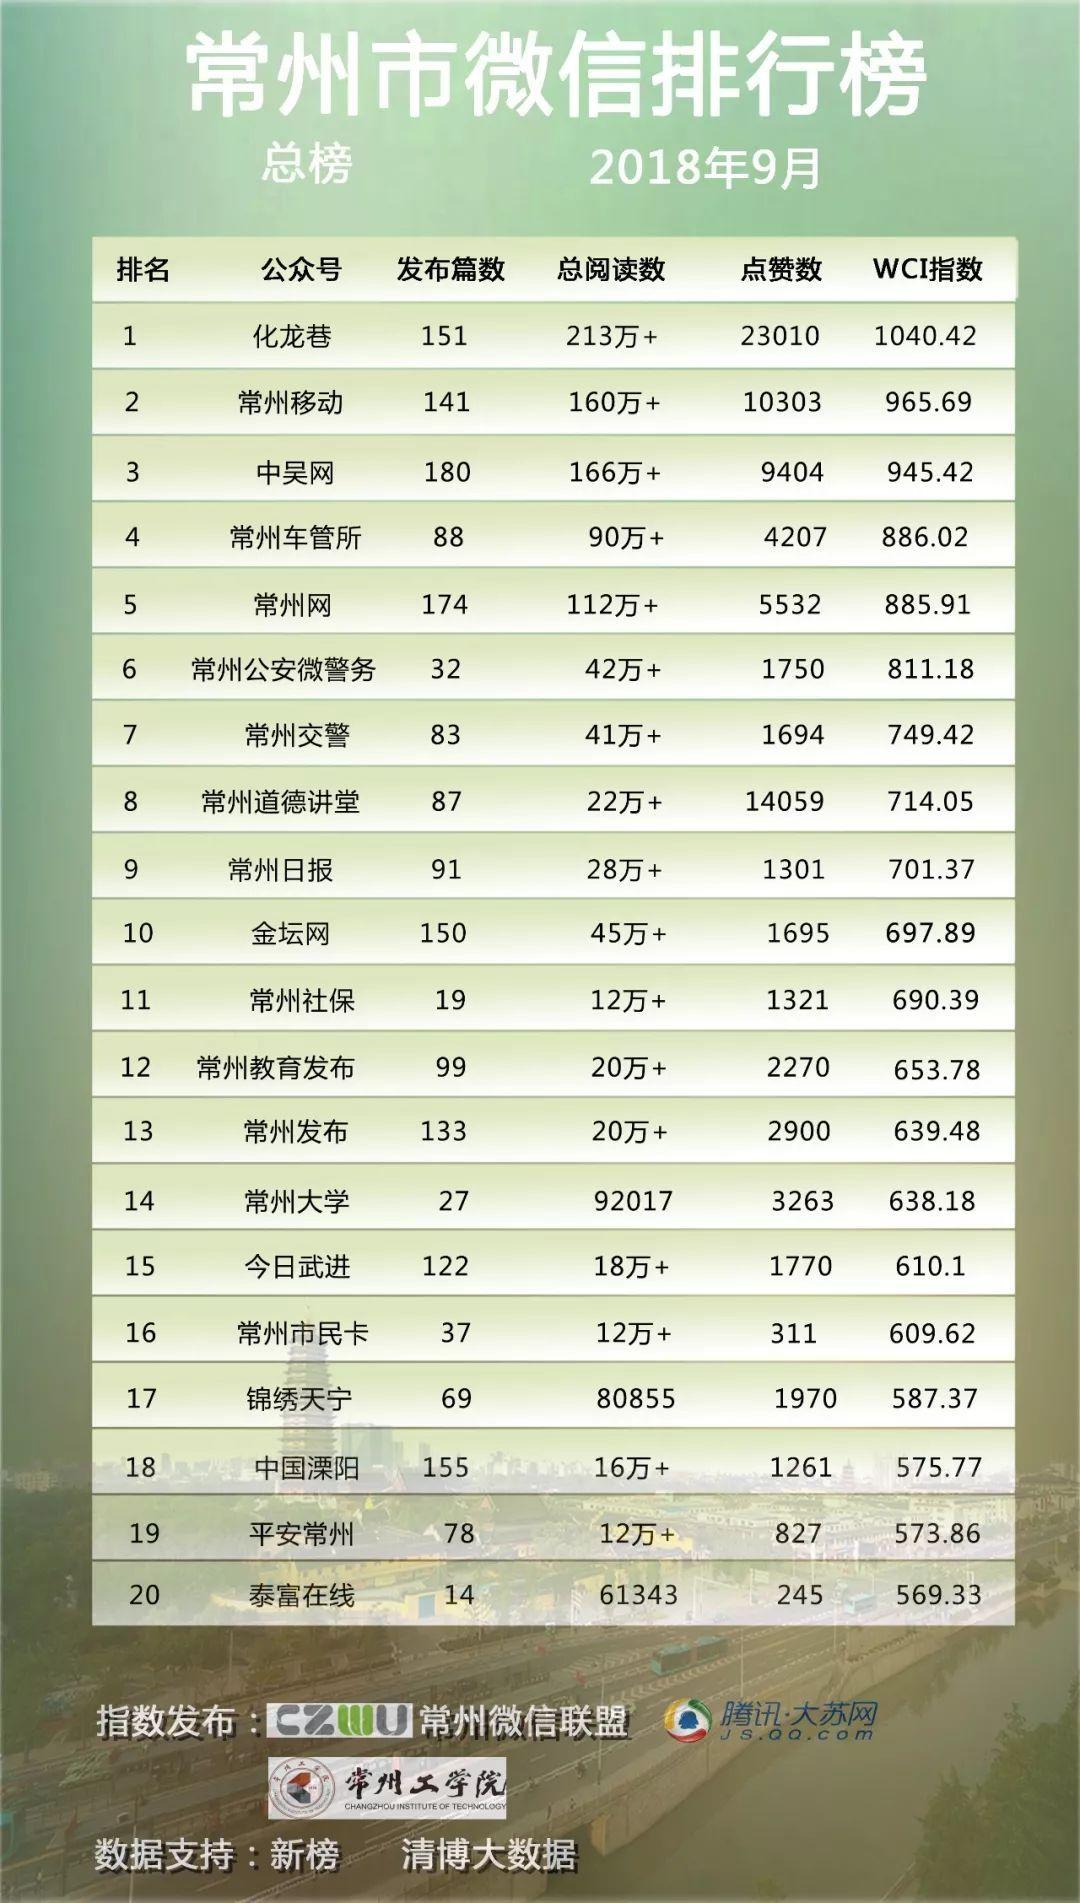 【權威發布】常州市微信排行榜月榜第16期(2018.9)